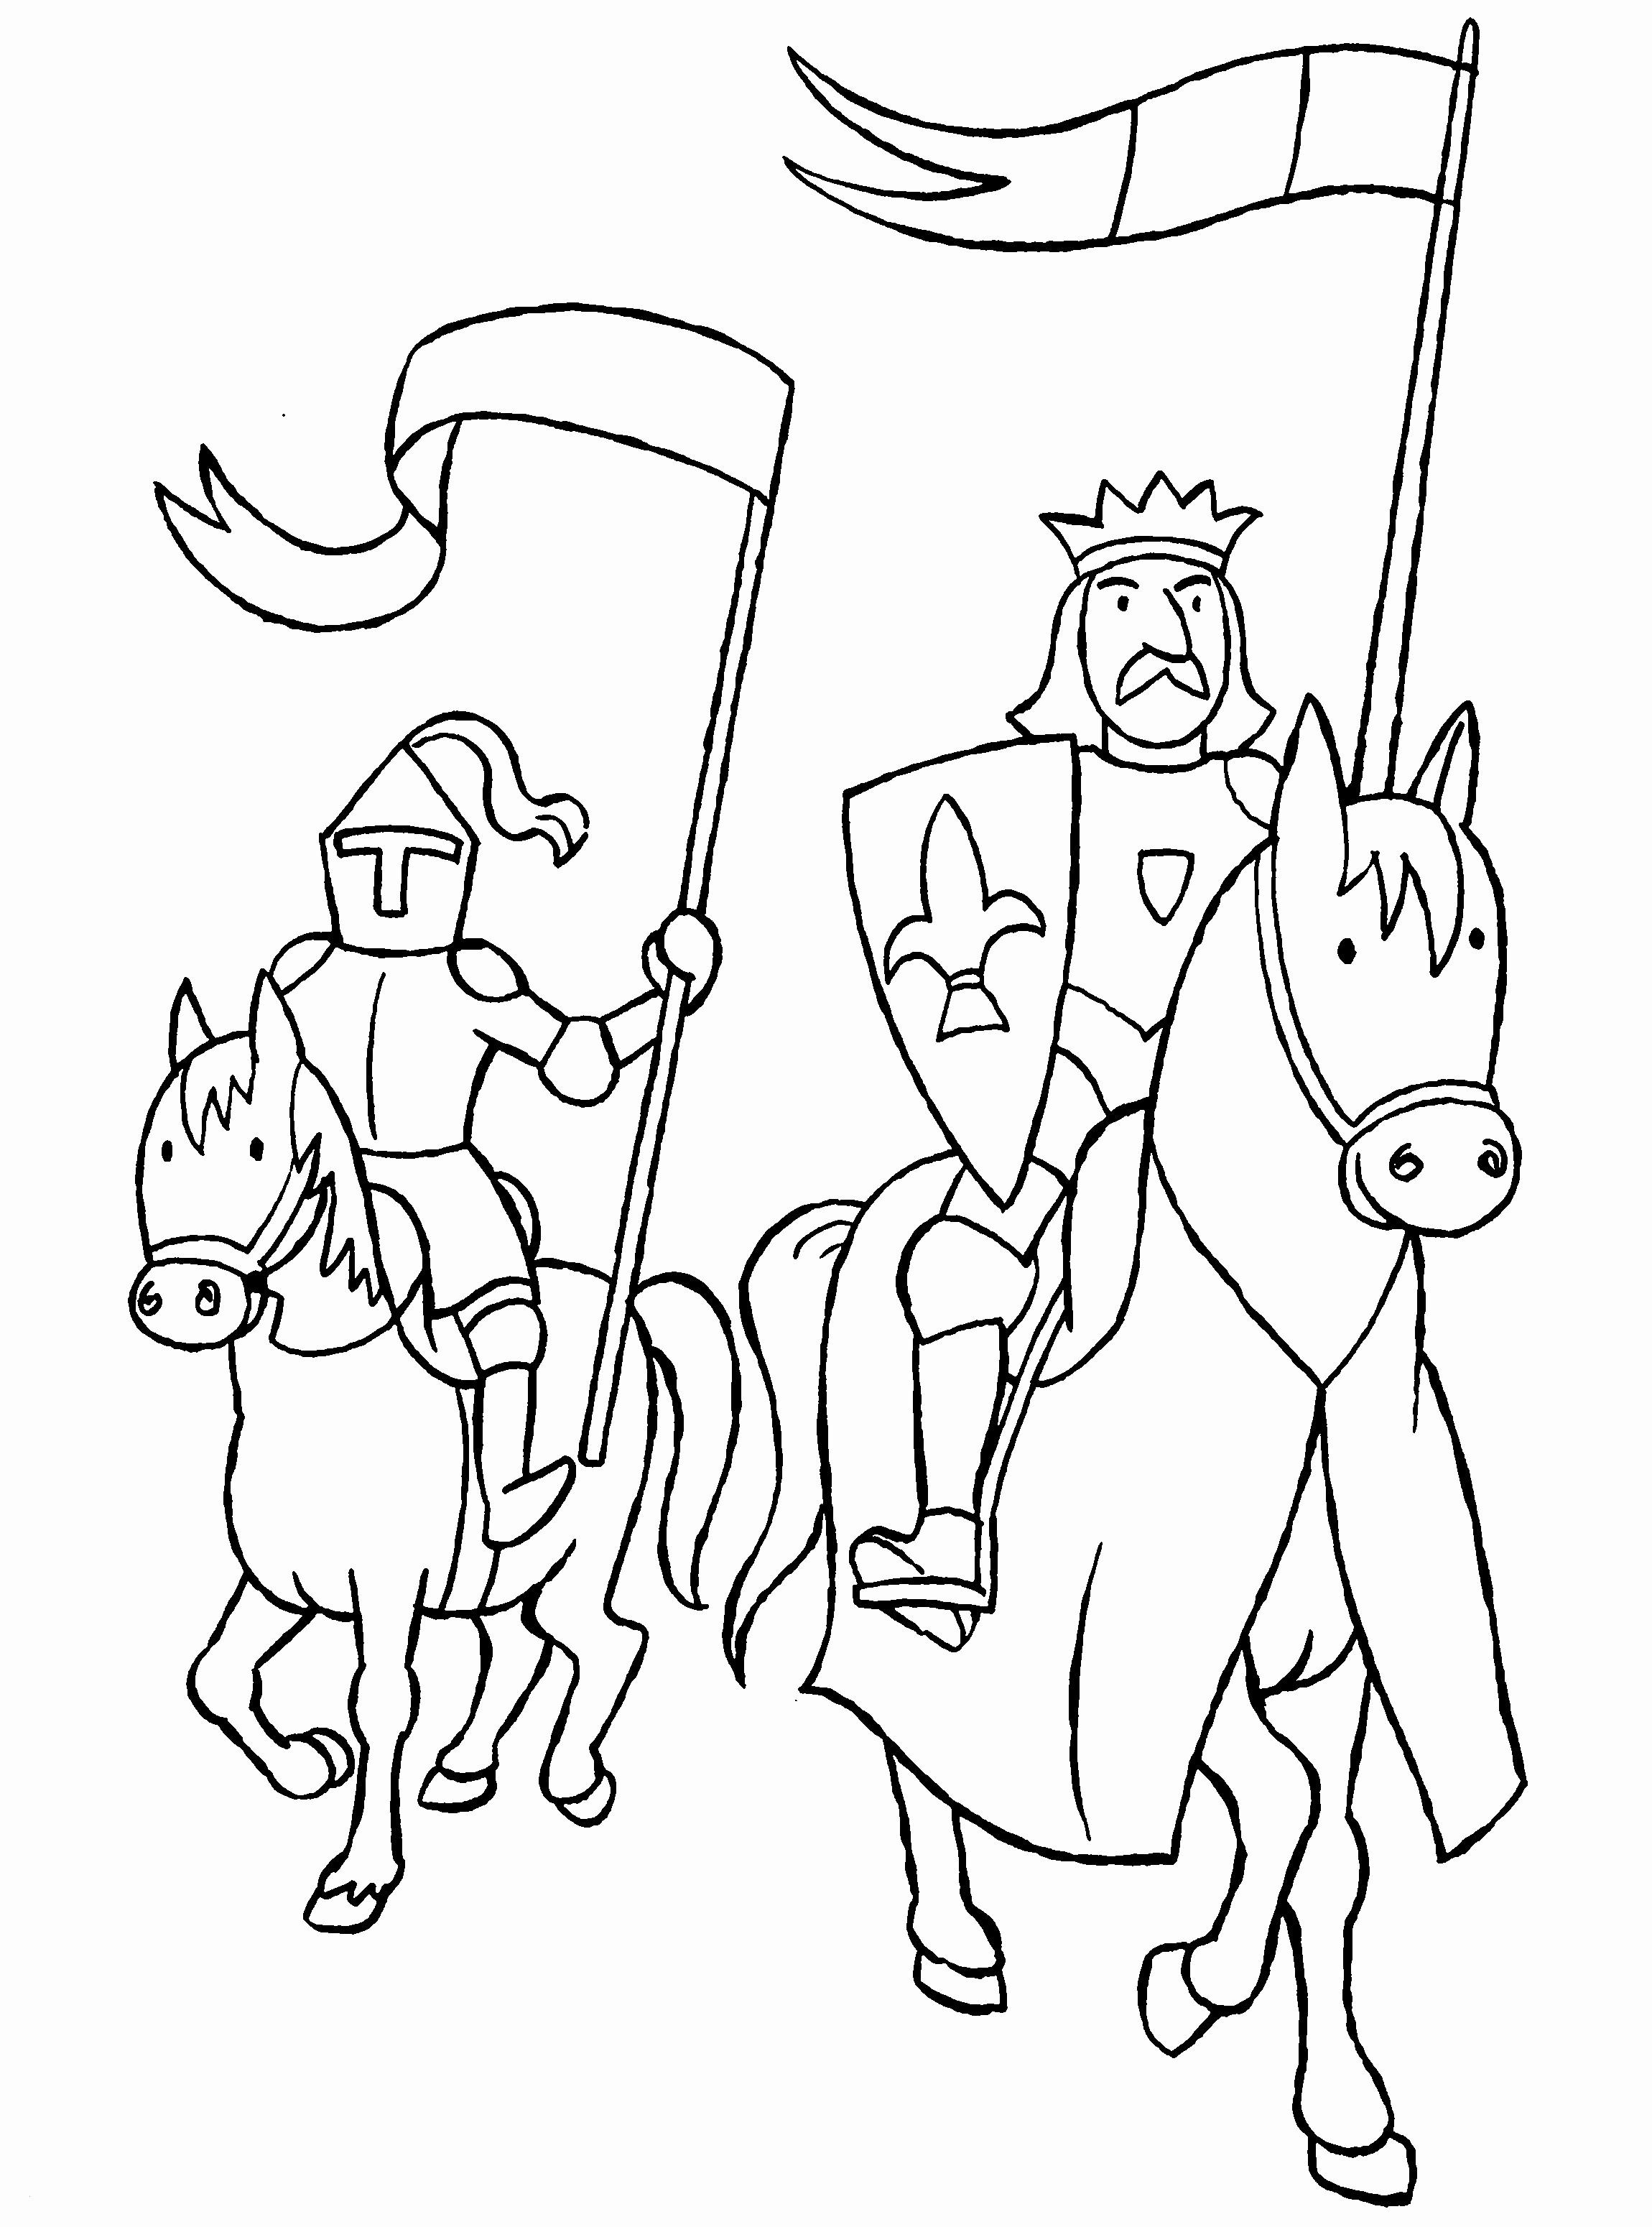 Bibi Und Tina Ausmalbilder Zum Drucken Kostenlos Genial Ausmalbilder Bibi Und Tina Pferde Ideen Bibi Und Tina Ausmalbilder Bild